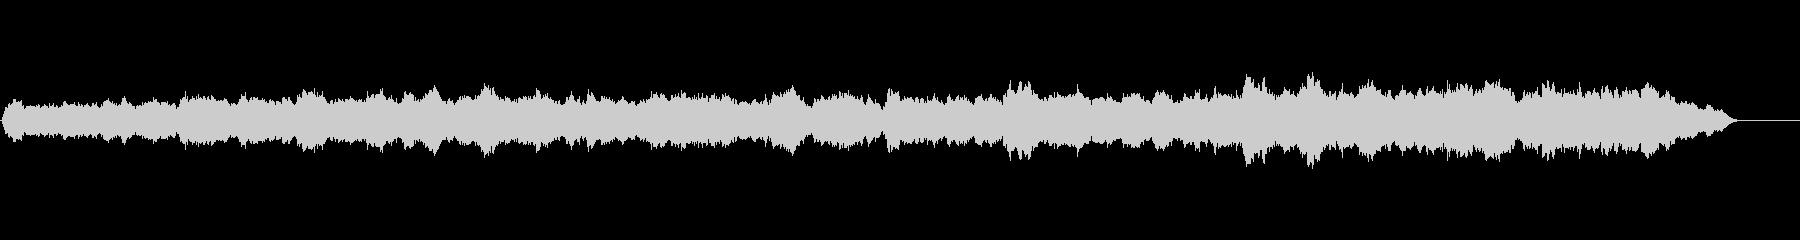 パイプオルガンの曲、クリスマスのイメージの未再生の波形